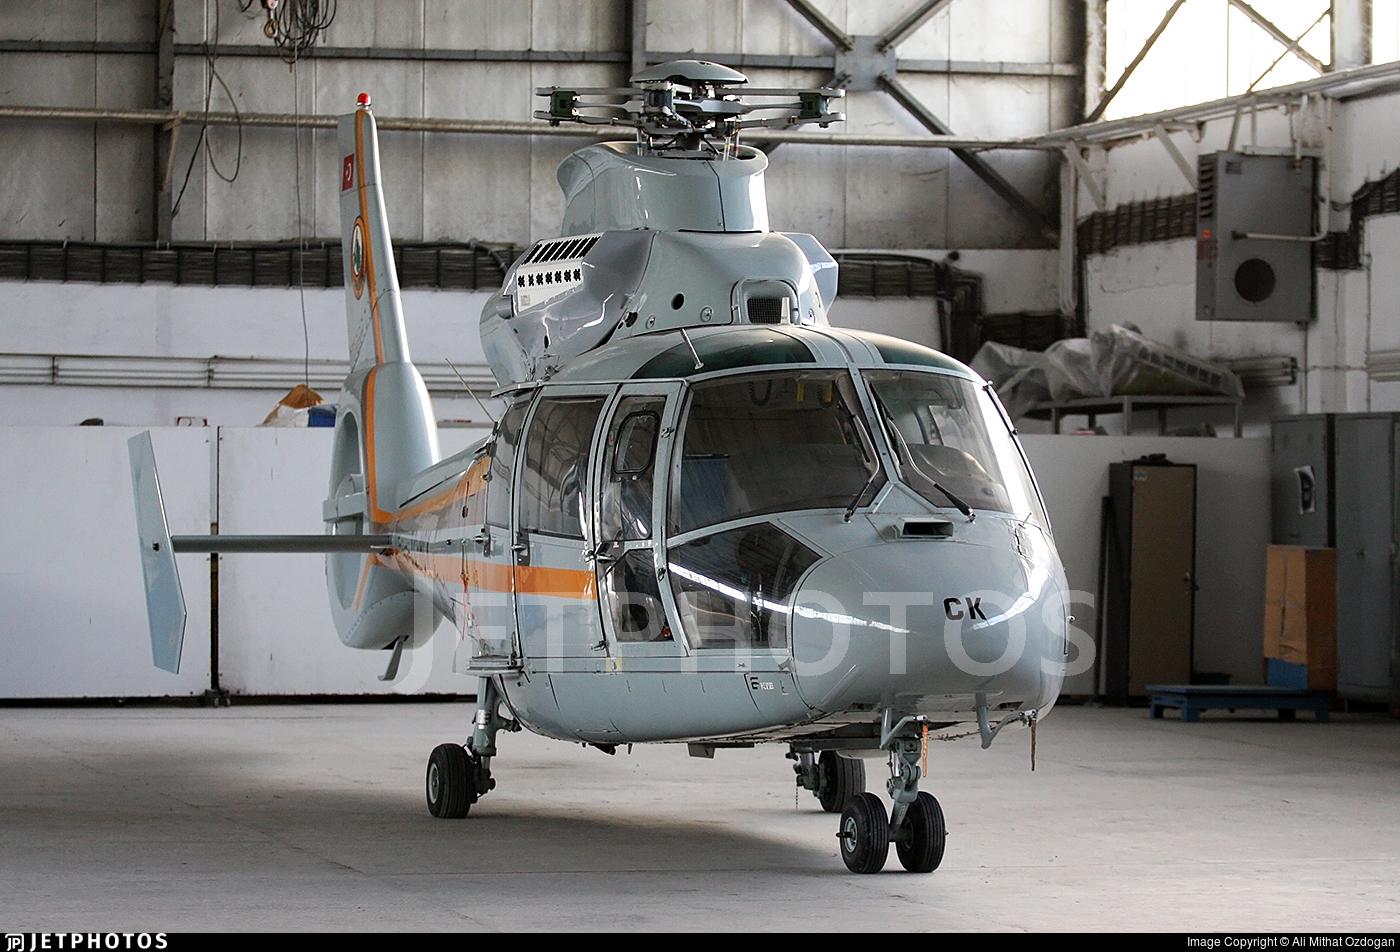 TC-HCK - Eurocopter AS 365N2 Dauphin - Orman Genel Müdürlügü